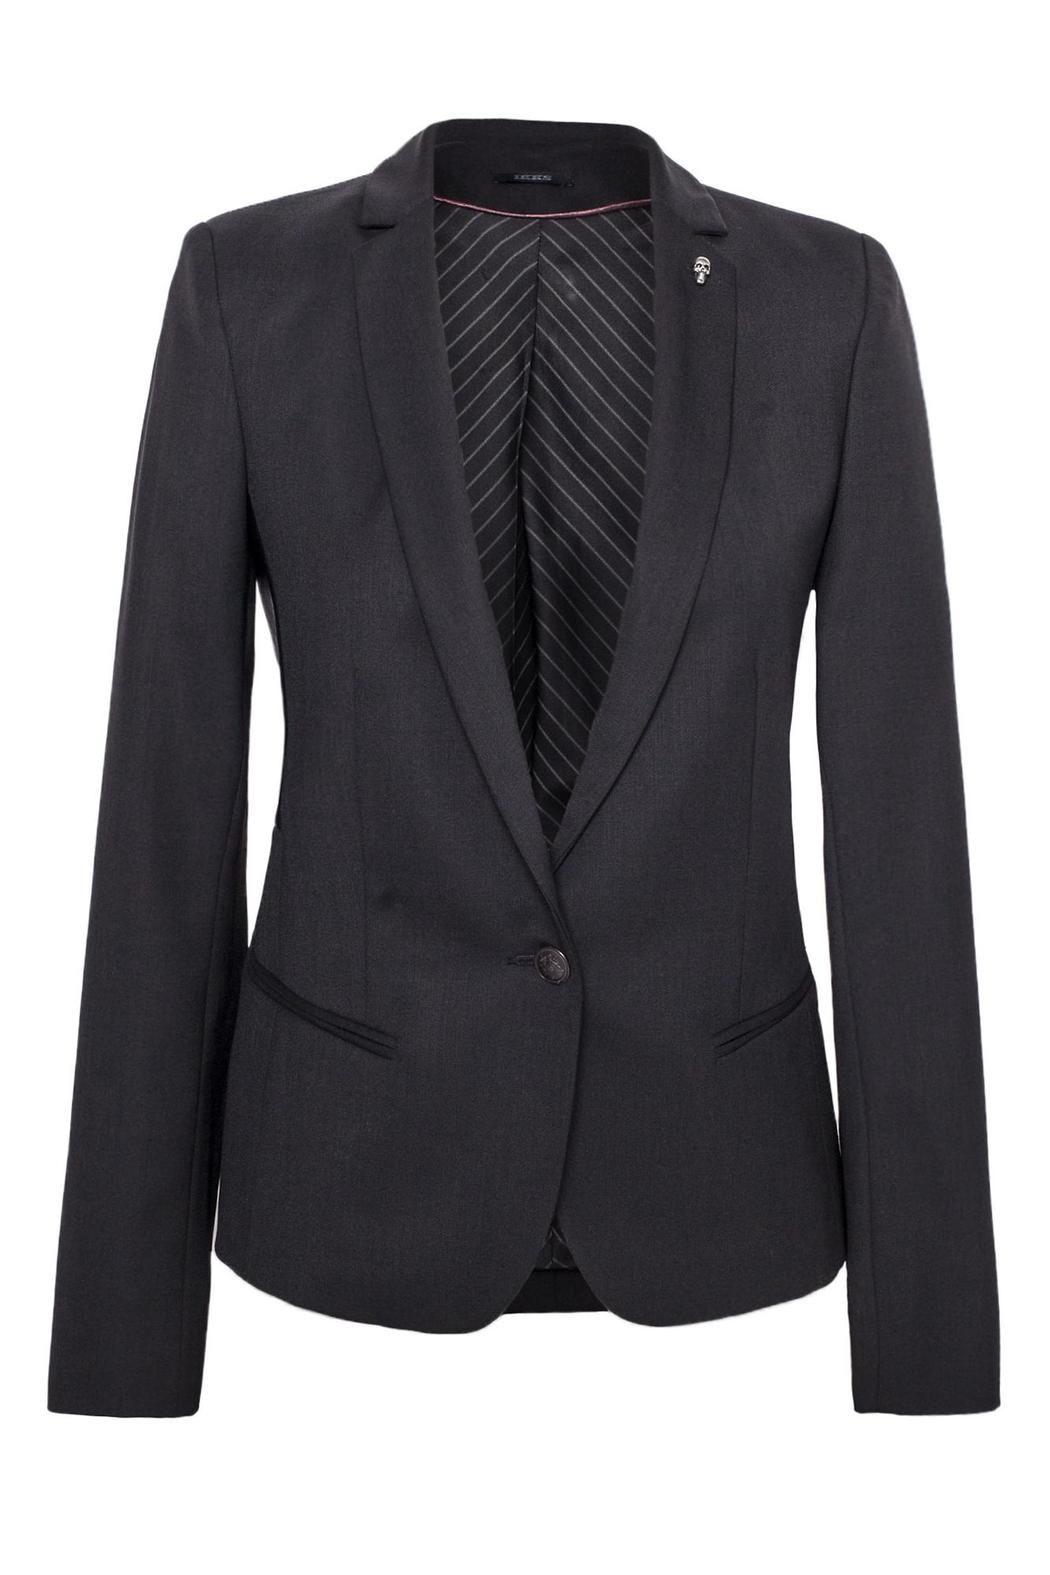 Black Blazer Black Blazer Blazer Black Suit Jacket [ 1575 x 1050 Pixel ]